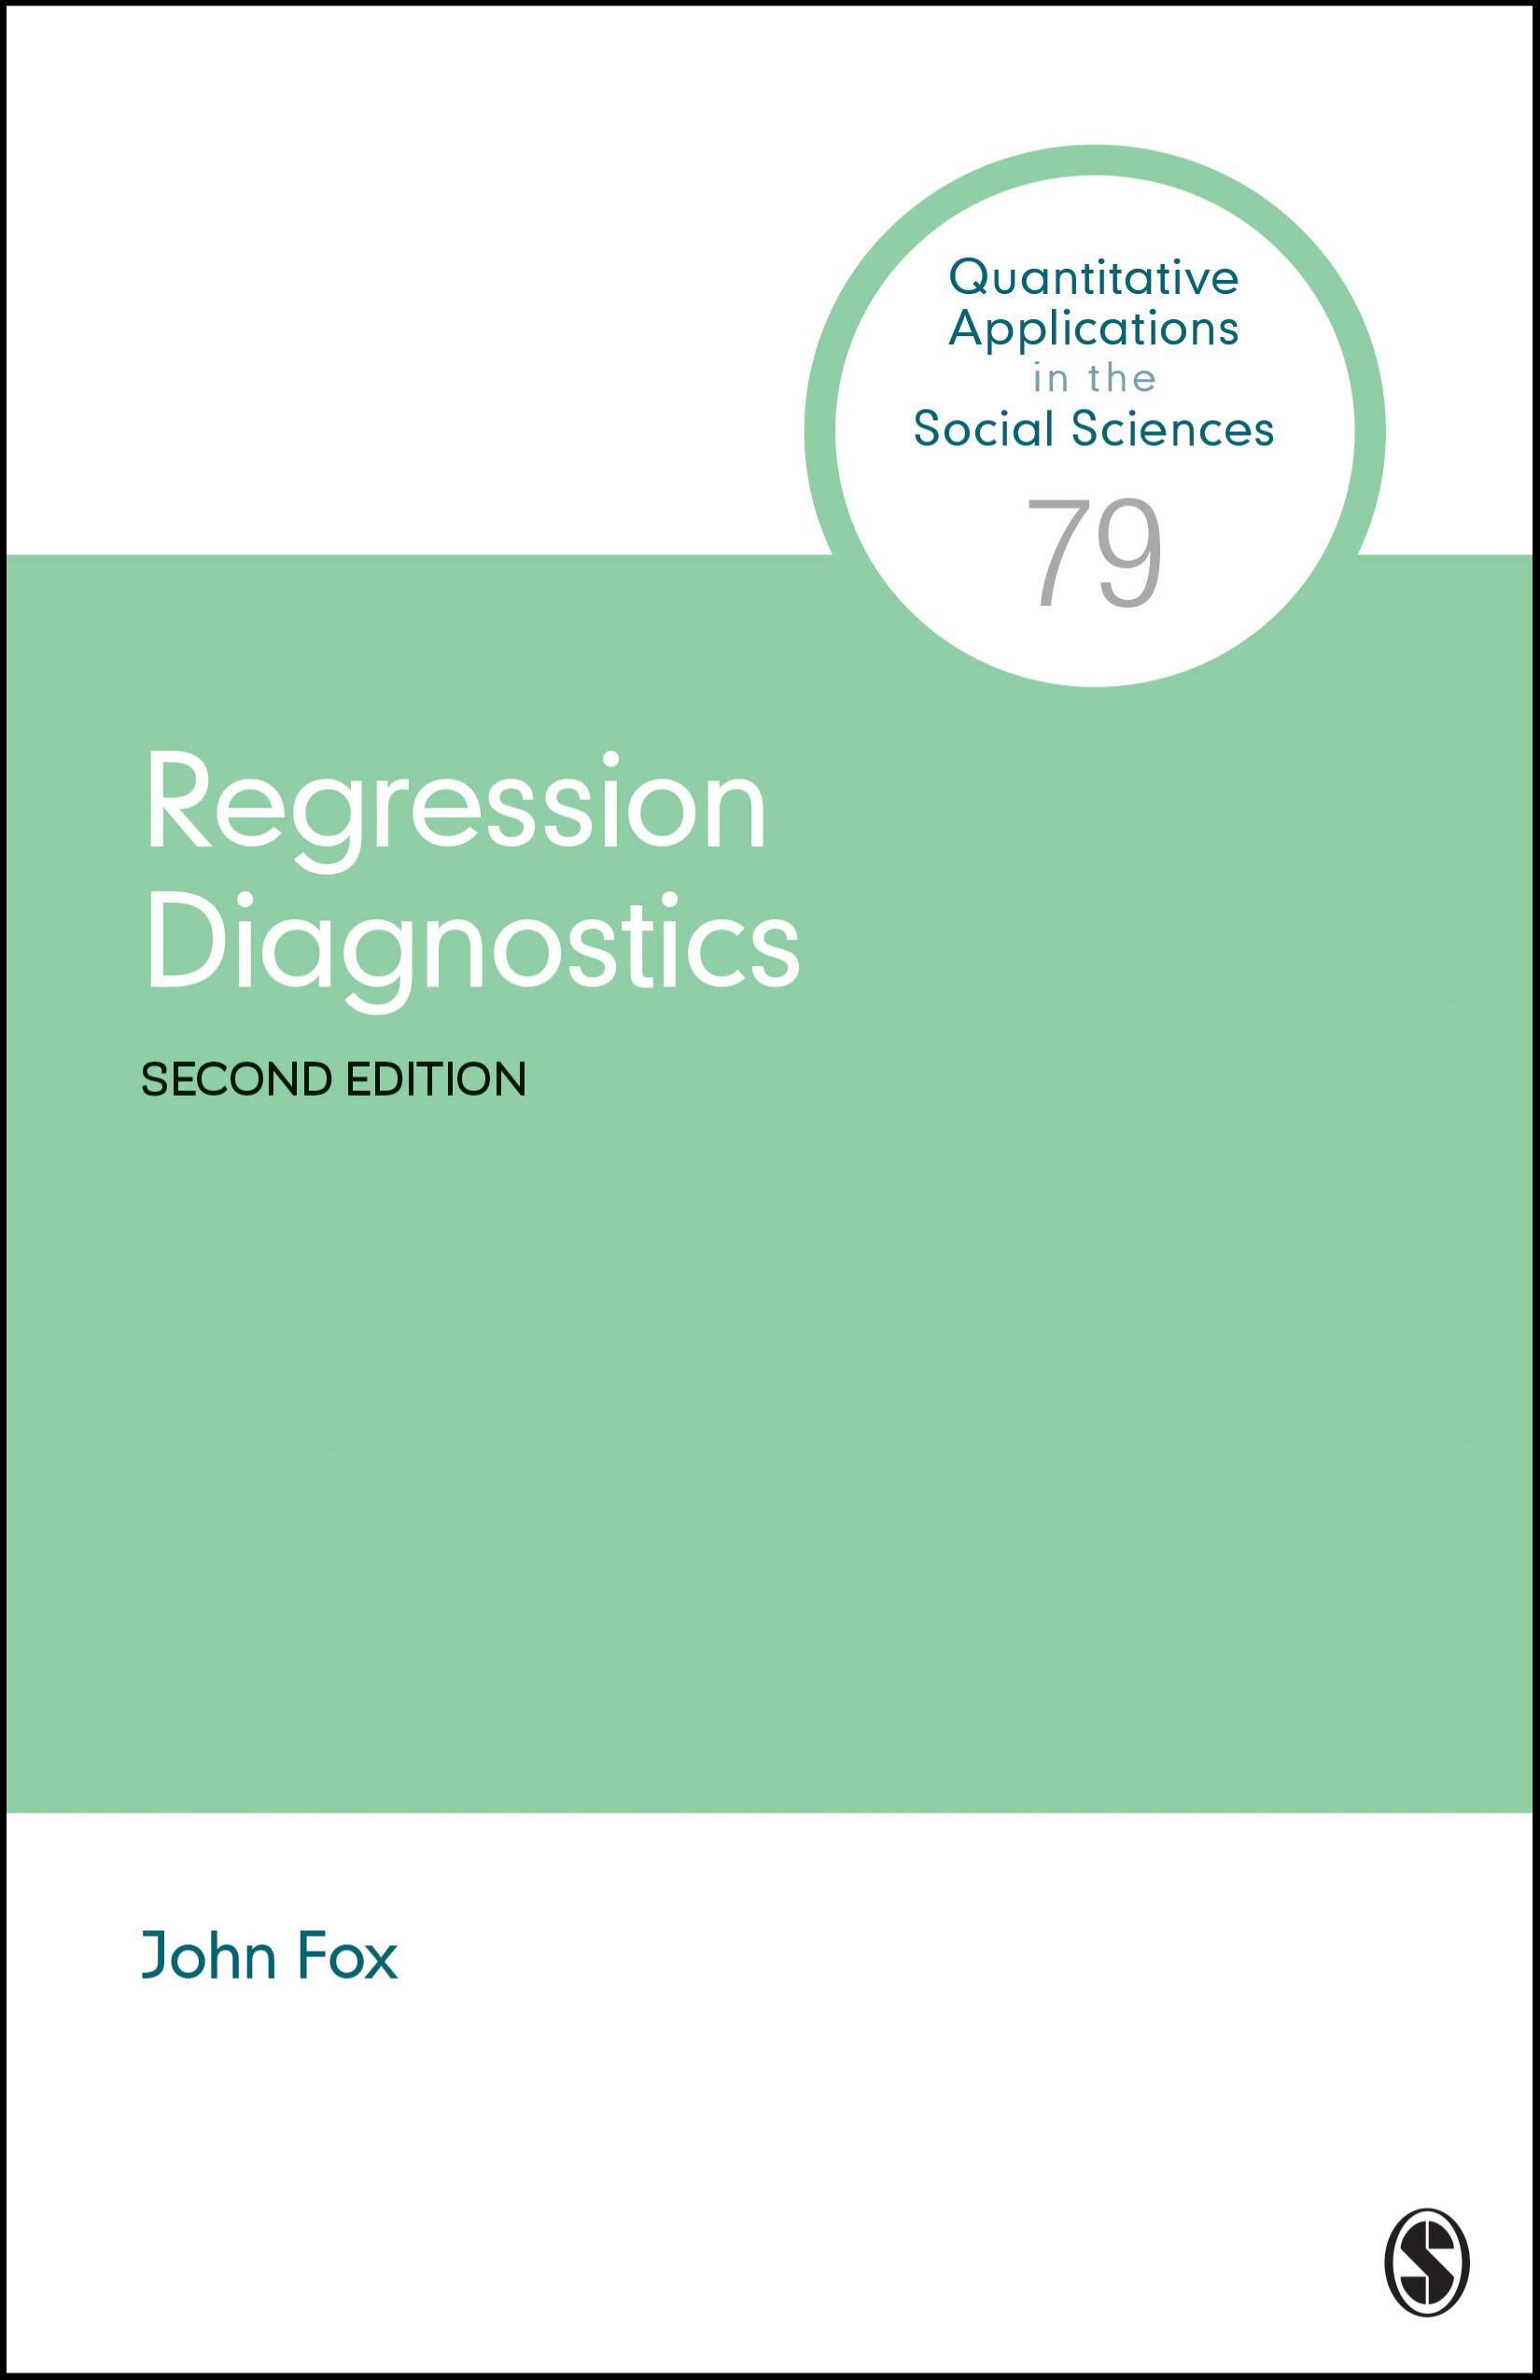 Regression Diagnostics